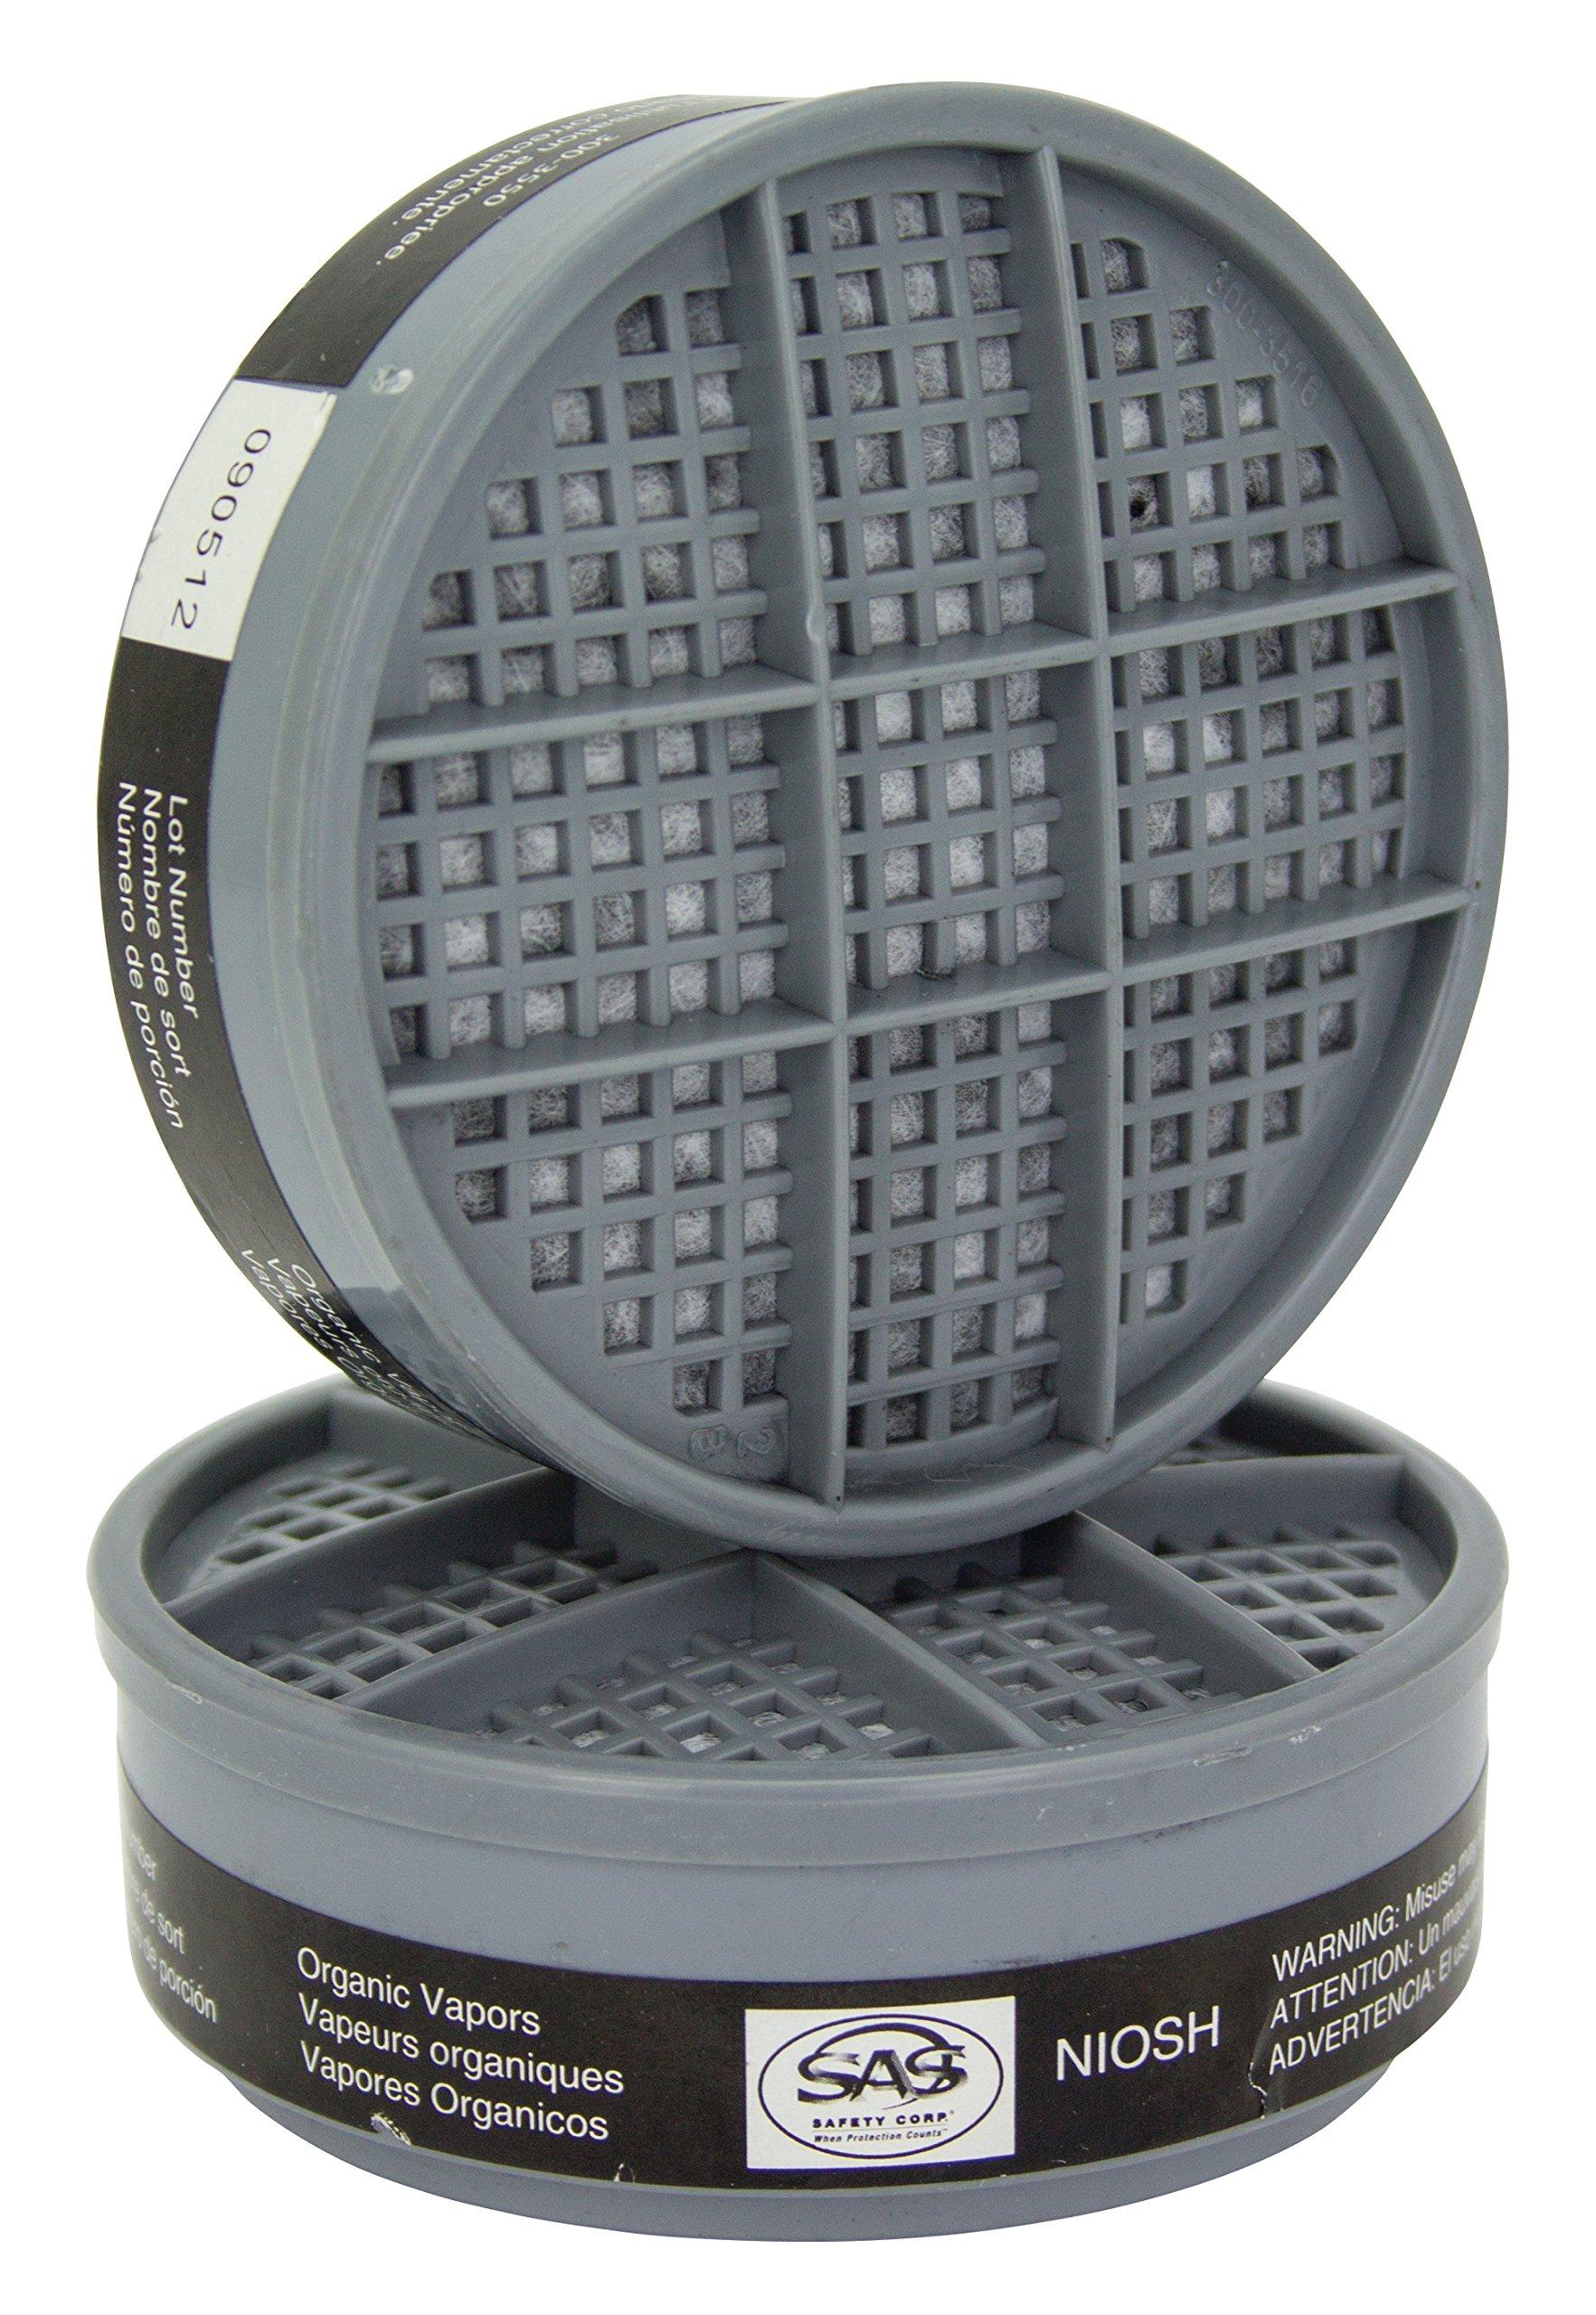 SAS Safety 300-1001 BreatheMate Organic Vapor Cartridge (6 Pack)